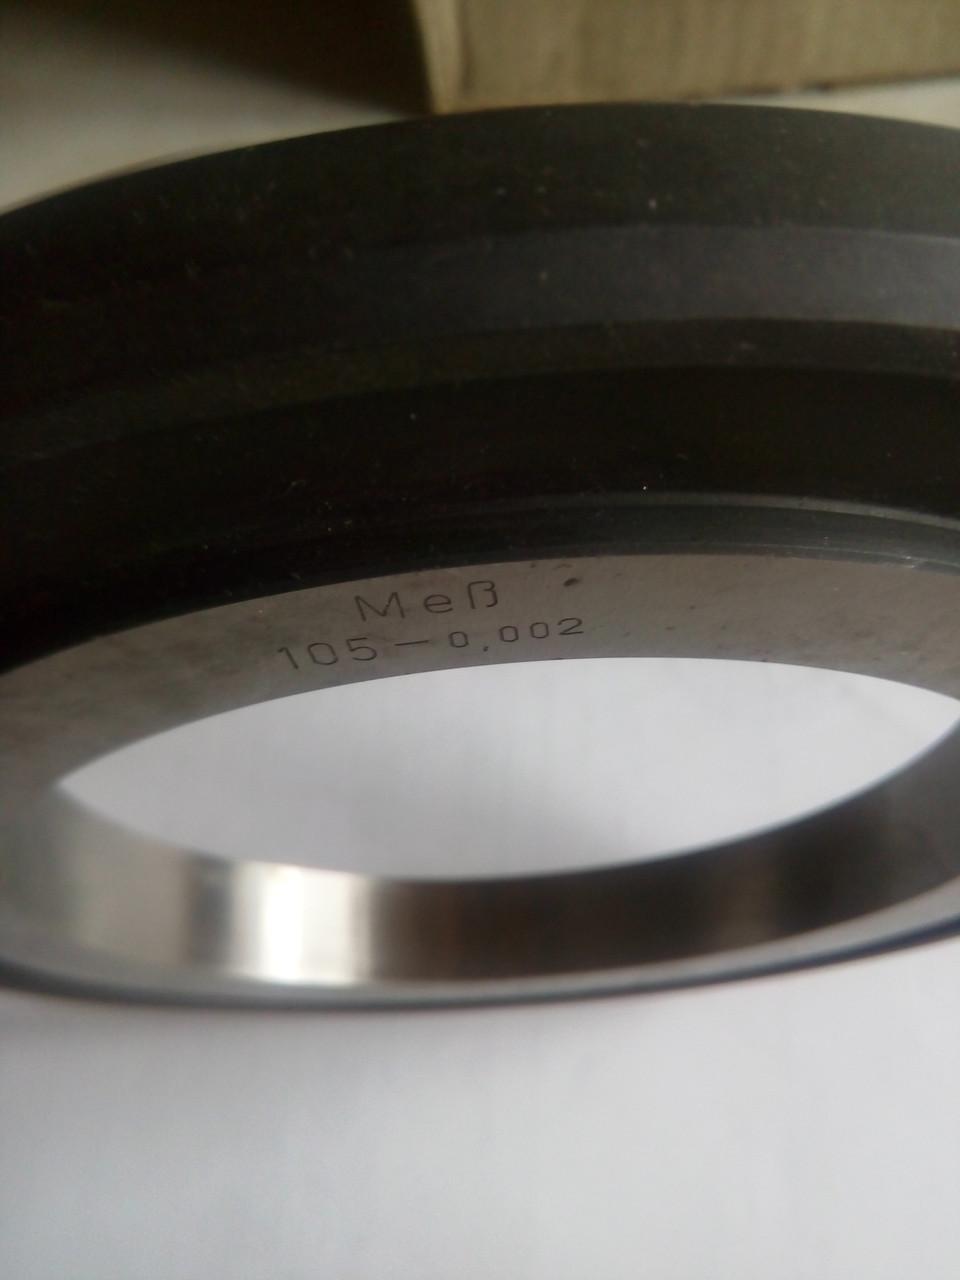 Кольцо установочное для поверки нутромеров d 105.возможна калибровка в Укрцсм